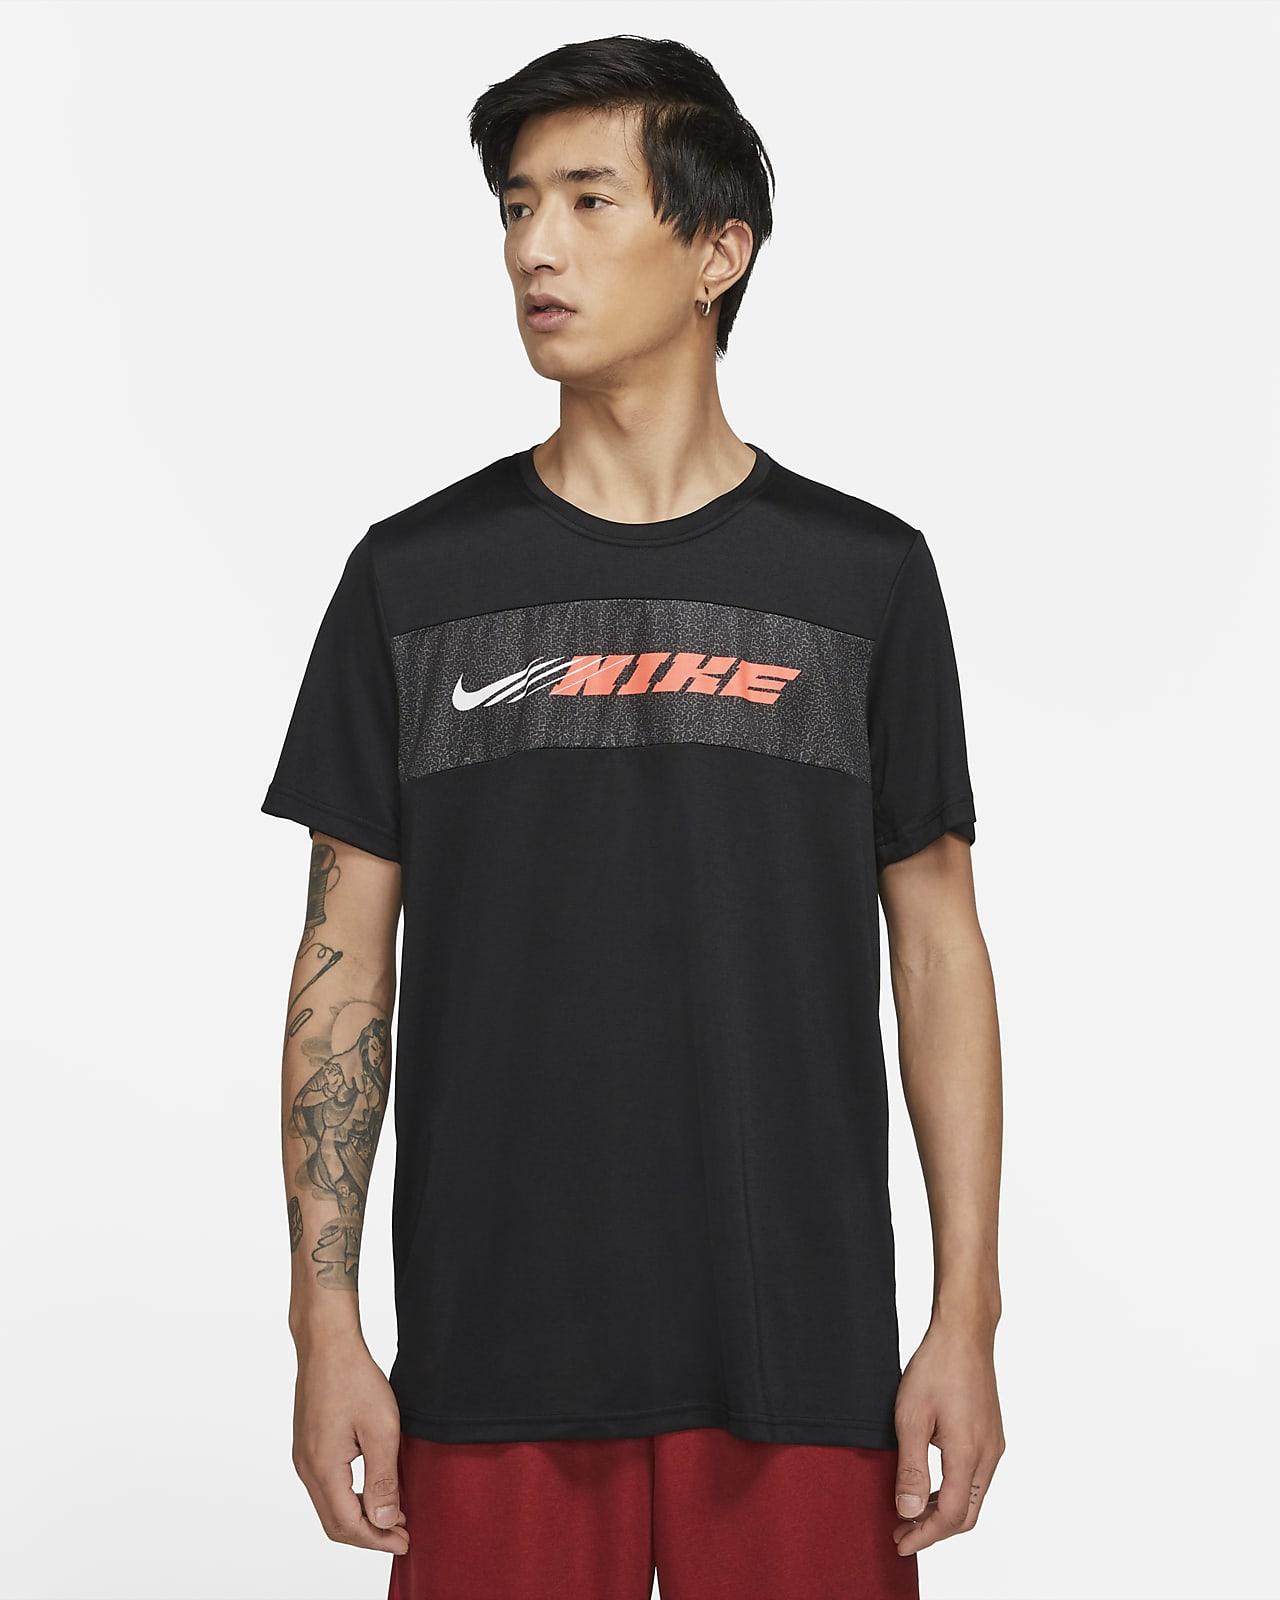 Ανδρική κοντομάνικη μπλούζα προπόνησης Nike Dri-FIT Superset Sport Clash